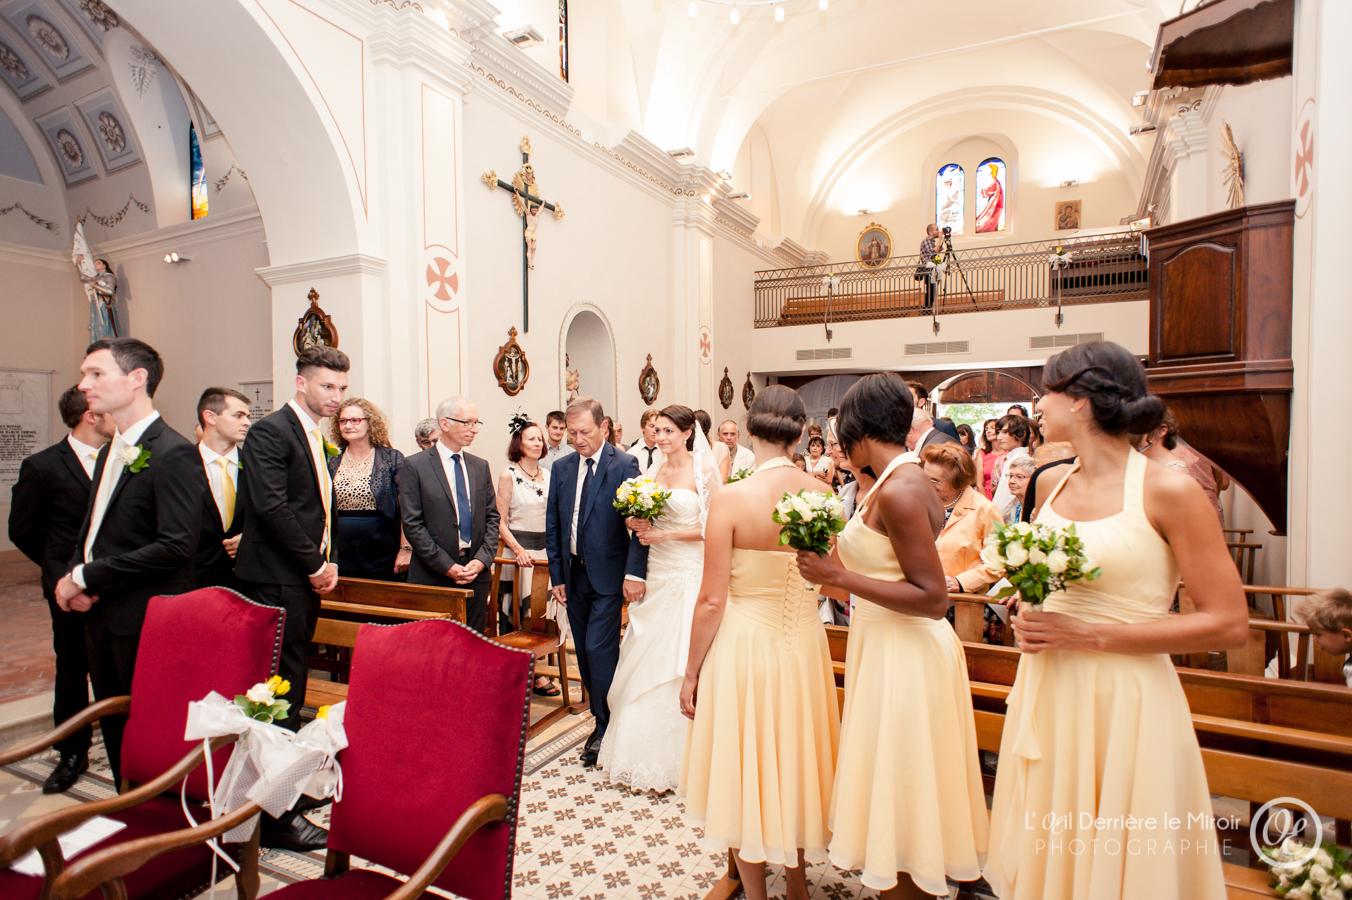 photographe-mariage-villeneuve-loubet-055